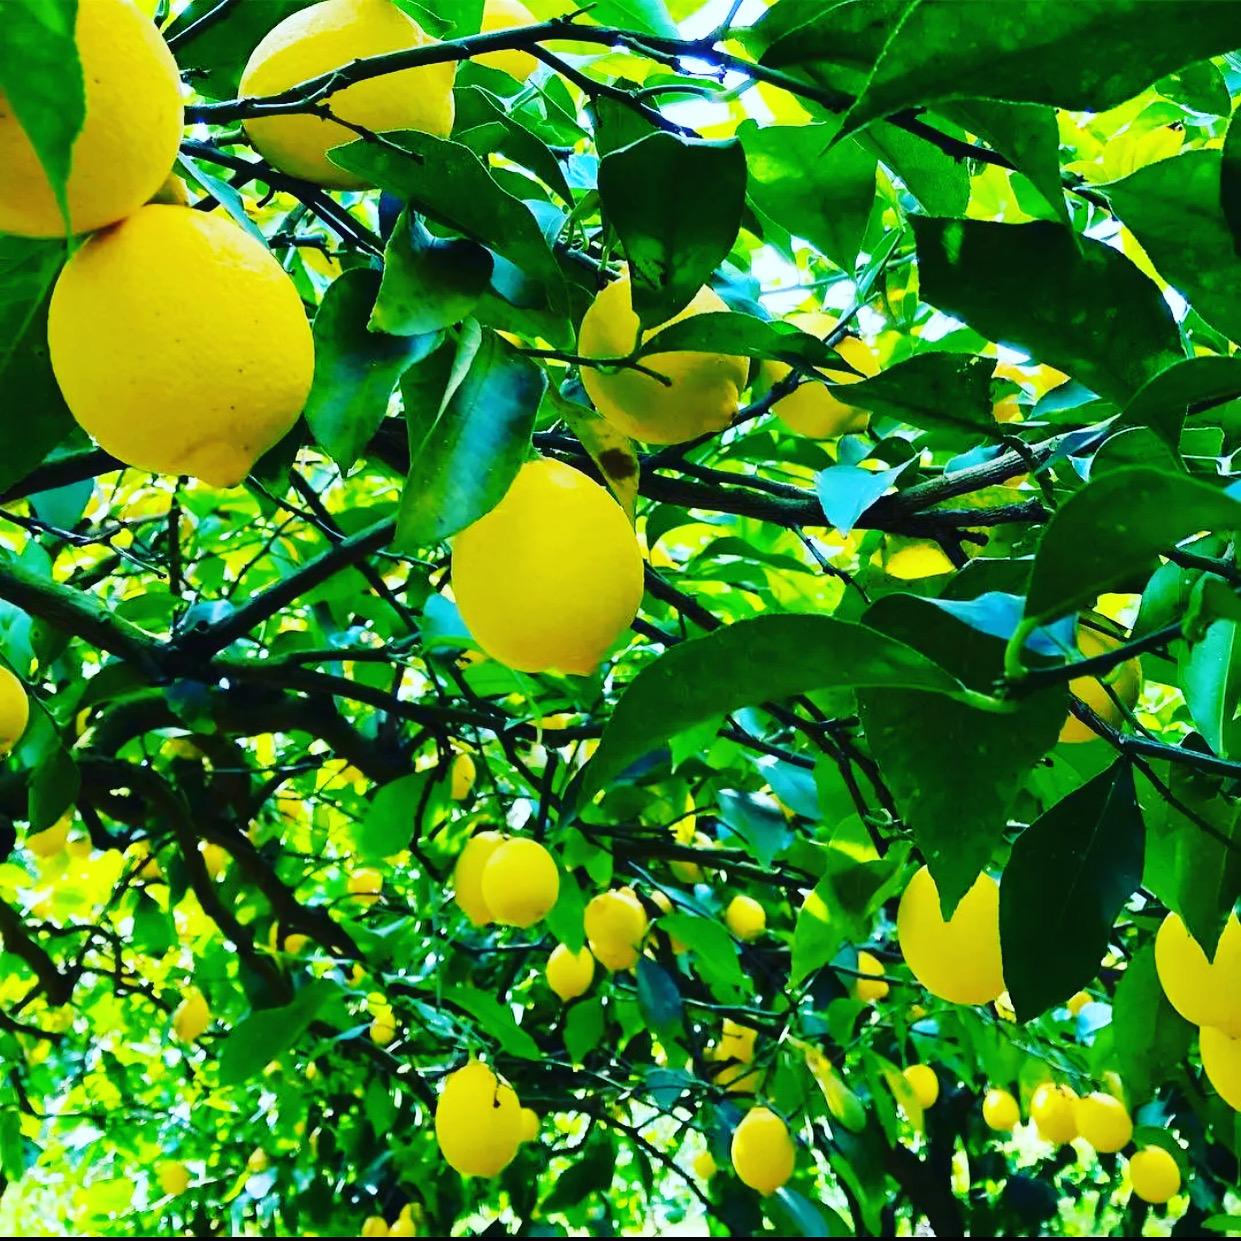 ん・・・レモン?